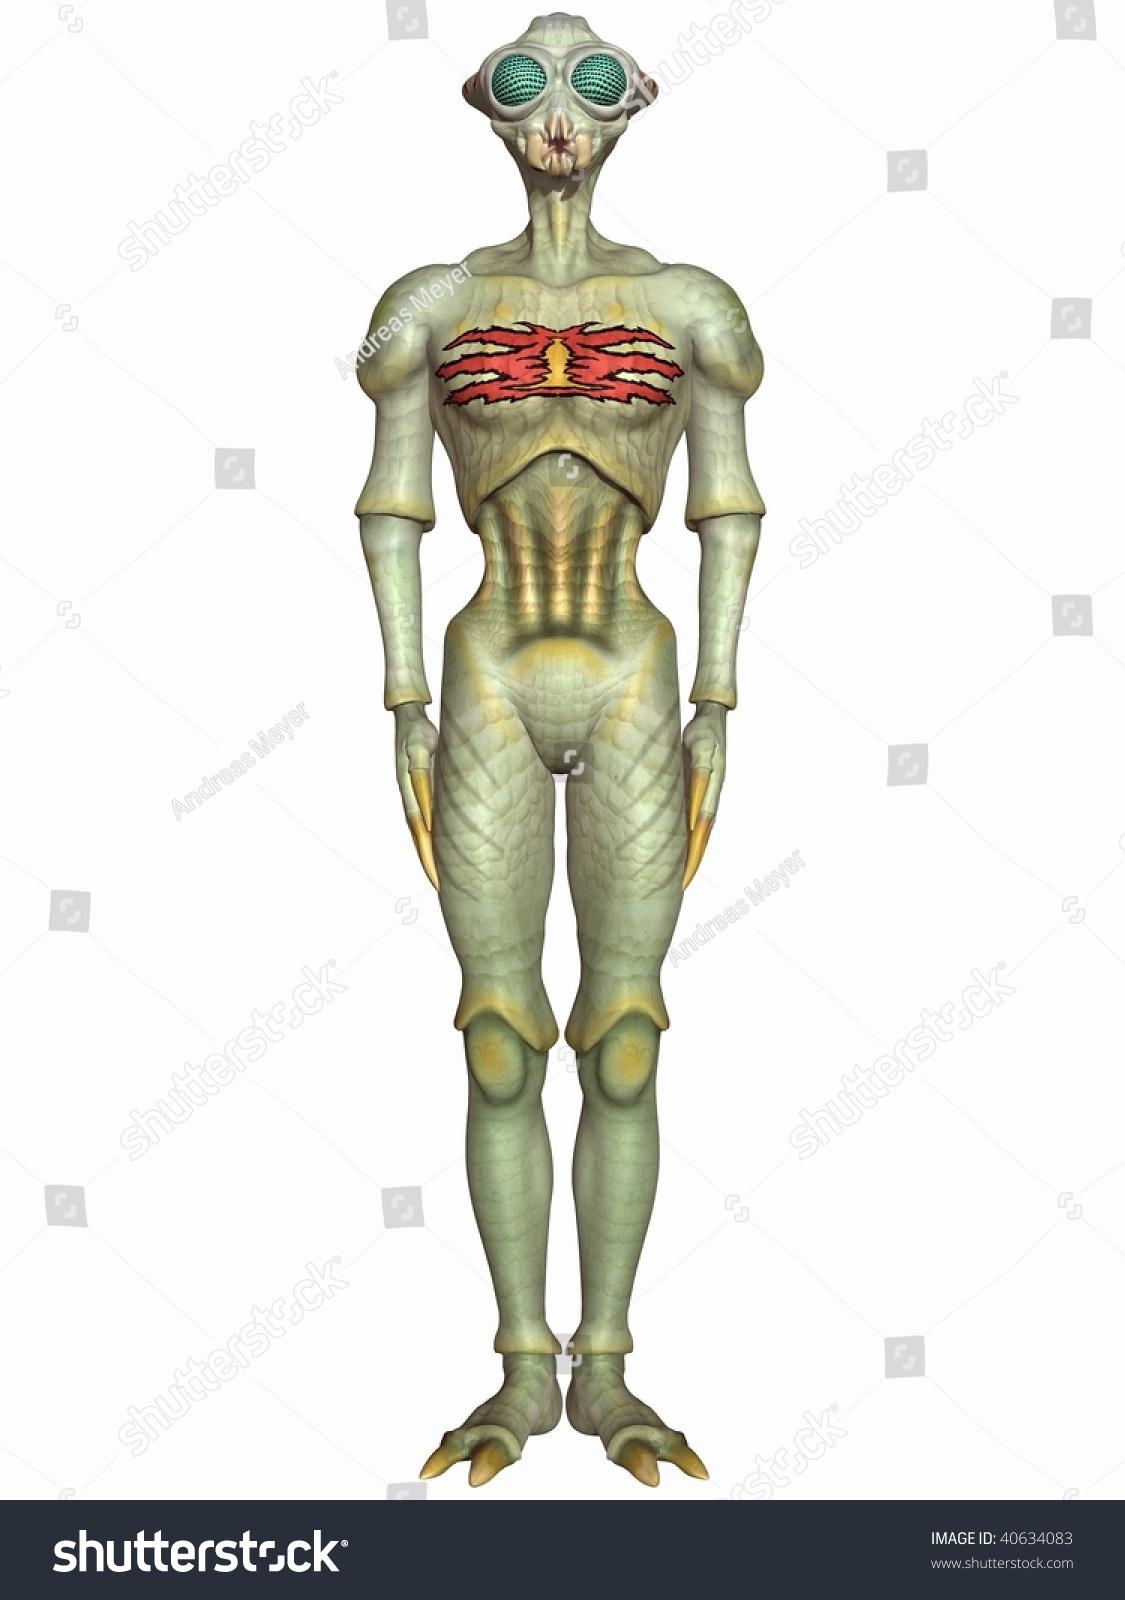 stock photo insectoid fantasy alien figure 40634083 insectoid fantasy alien figure stock illustration 40634083